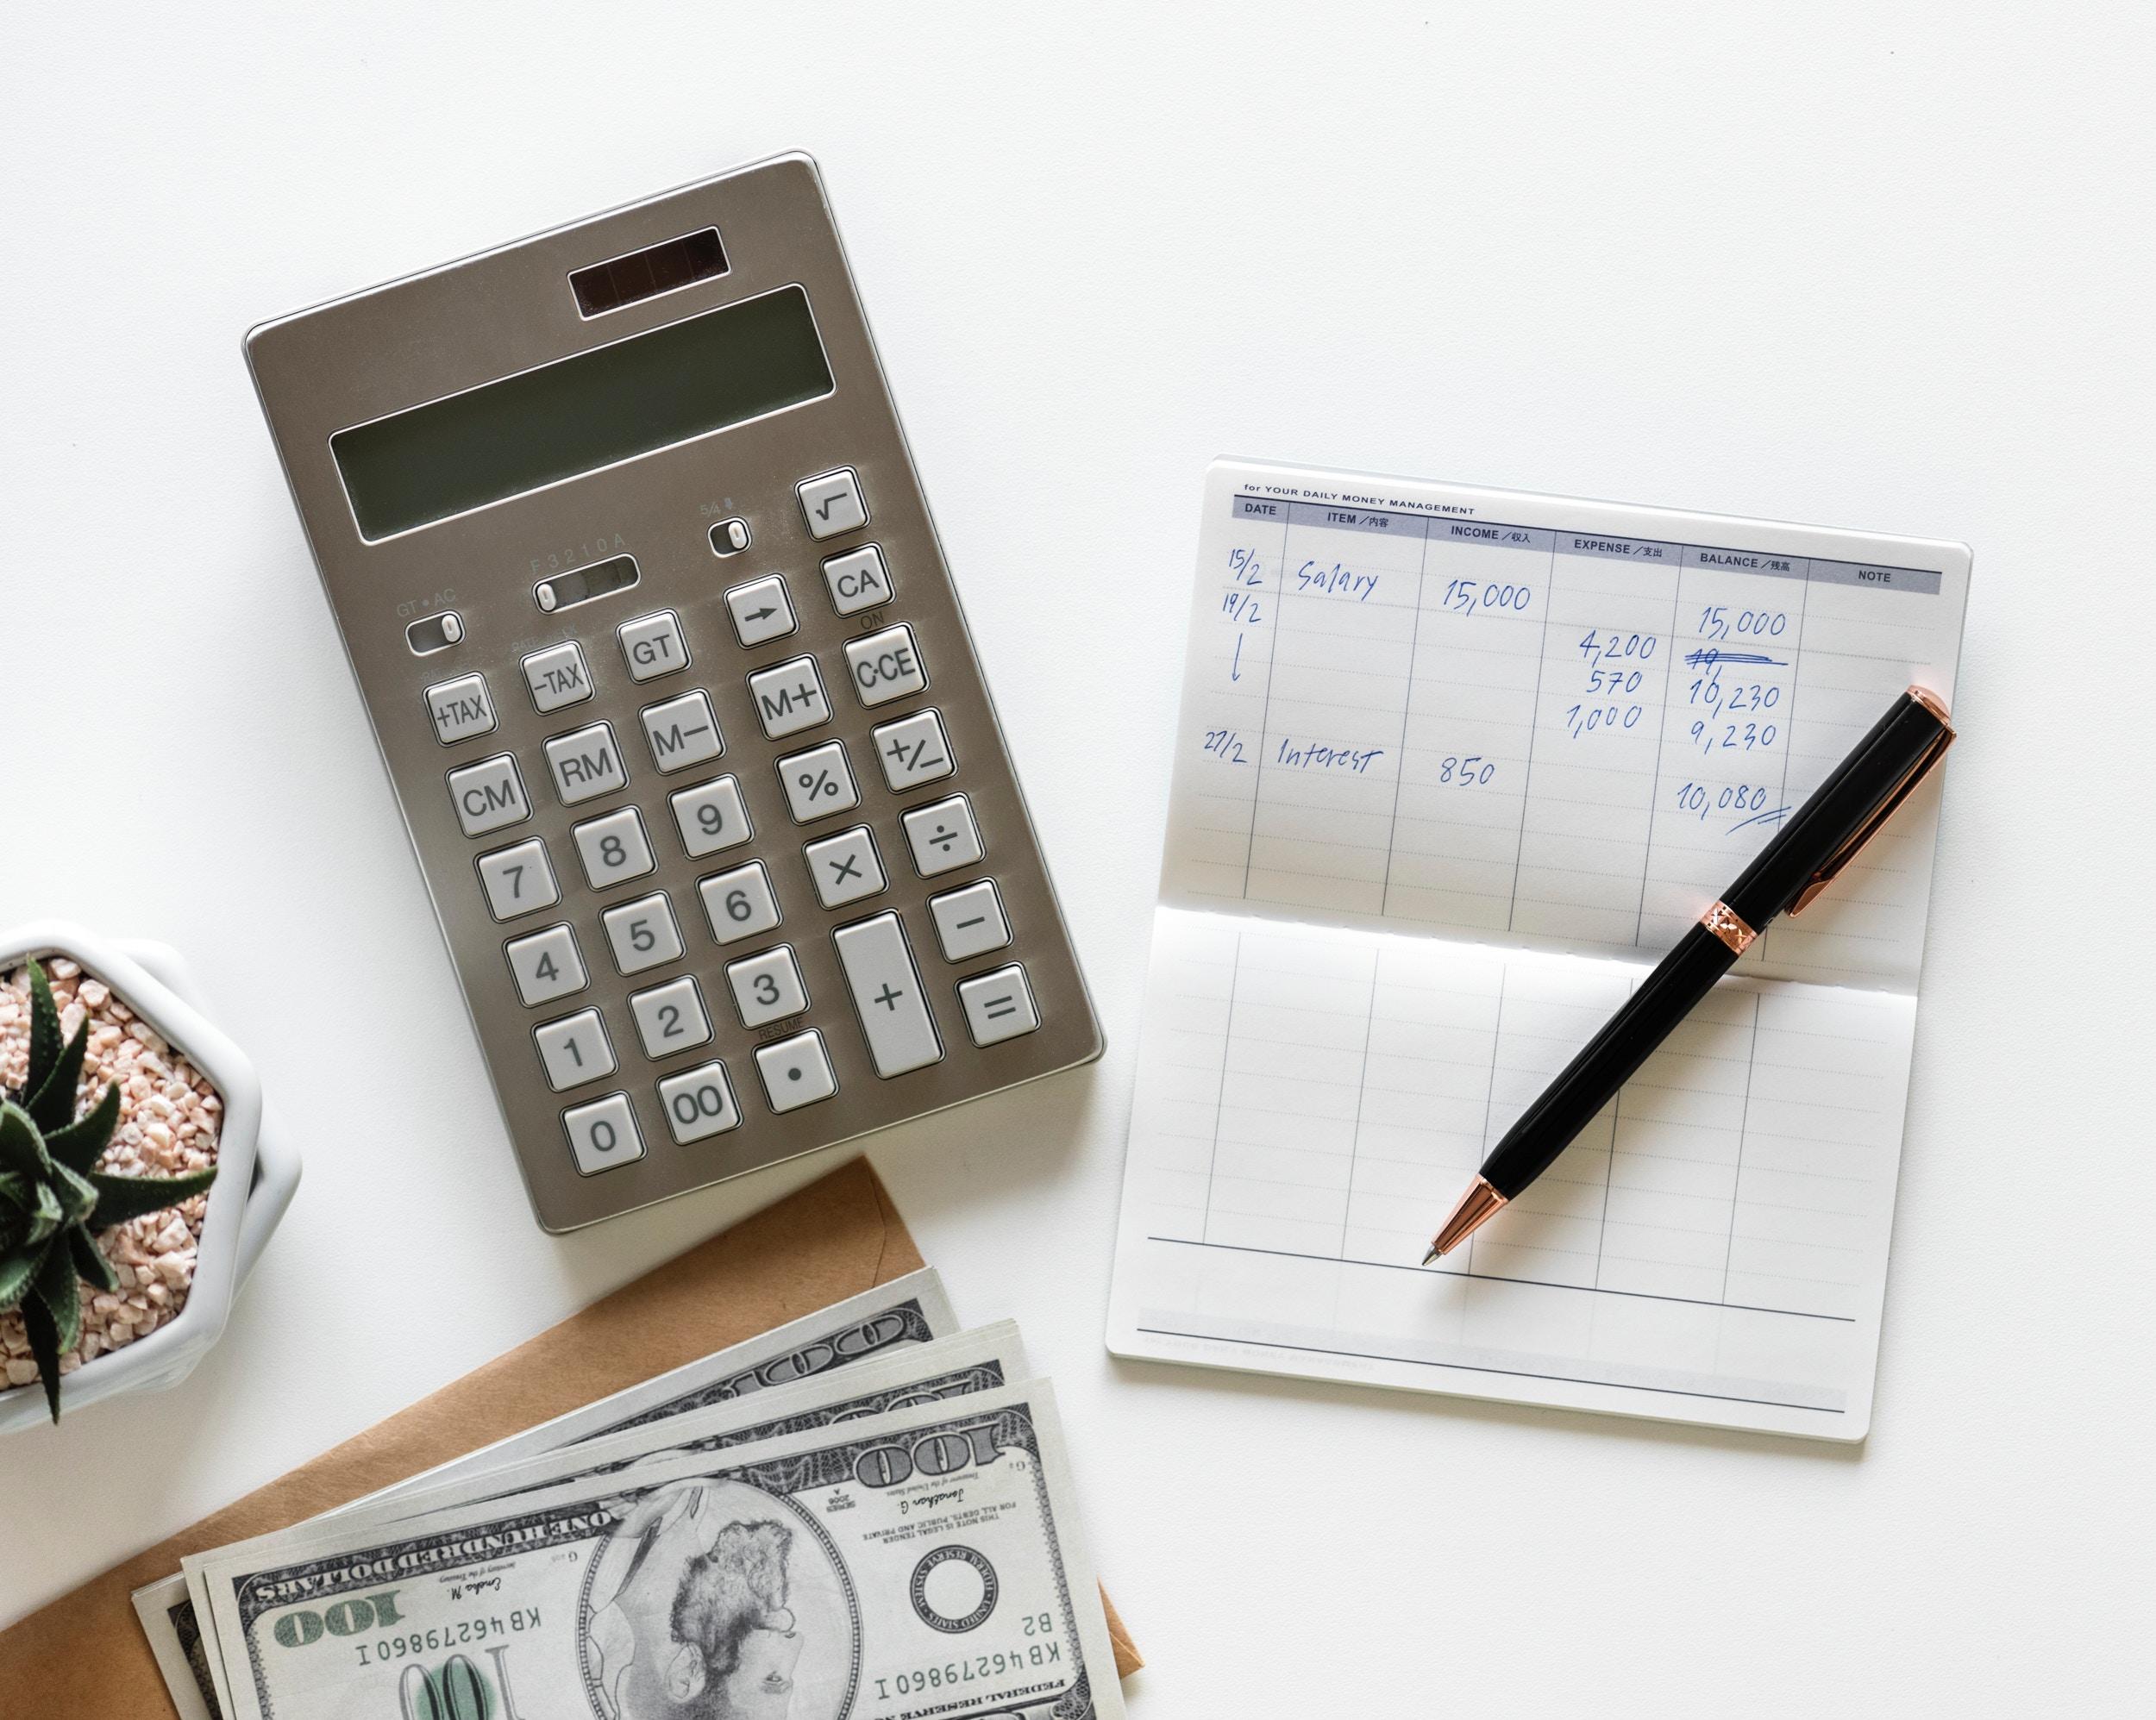 Ce qu'il faut savoir avant de souscrire un crédit immobilier